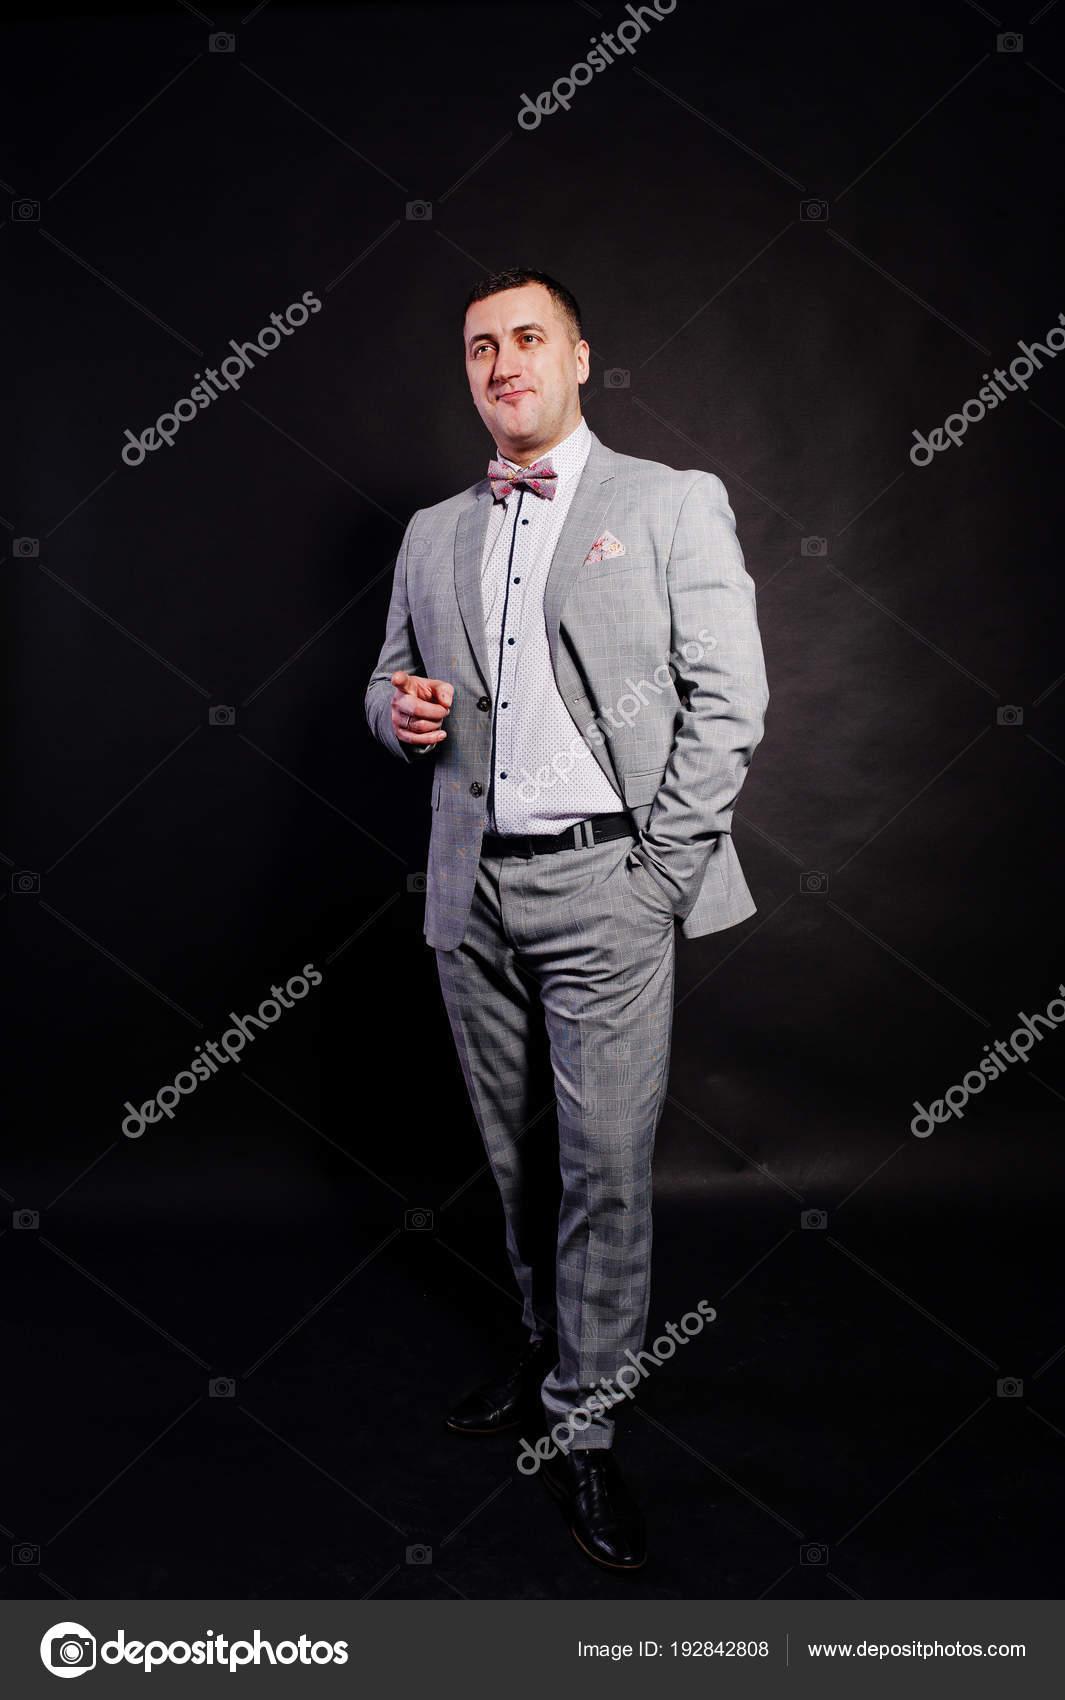 suchen toller Wert Spitzenstil Studio-Porträt der Mann im grauen Anzug und Fliege mit ...